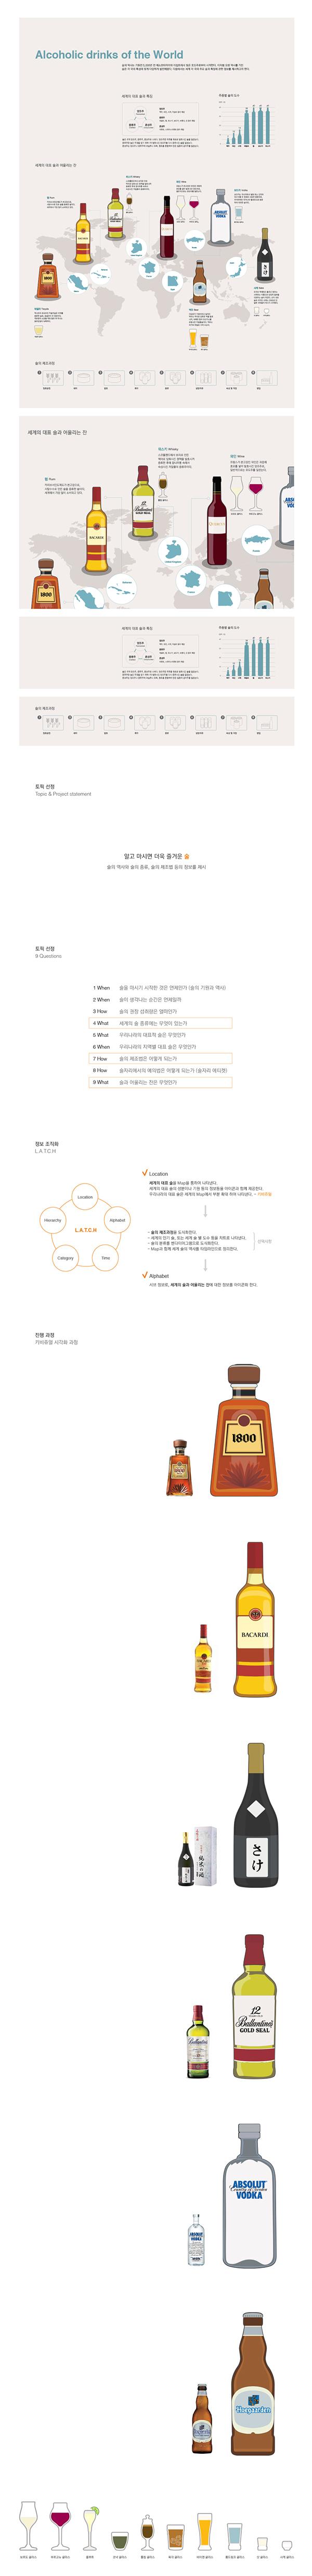 류혜수│ Information Design 2014│ Dept. of Digital Media Design │#hicoda │hicoda.hongik.ac.kr